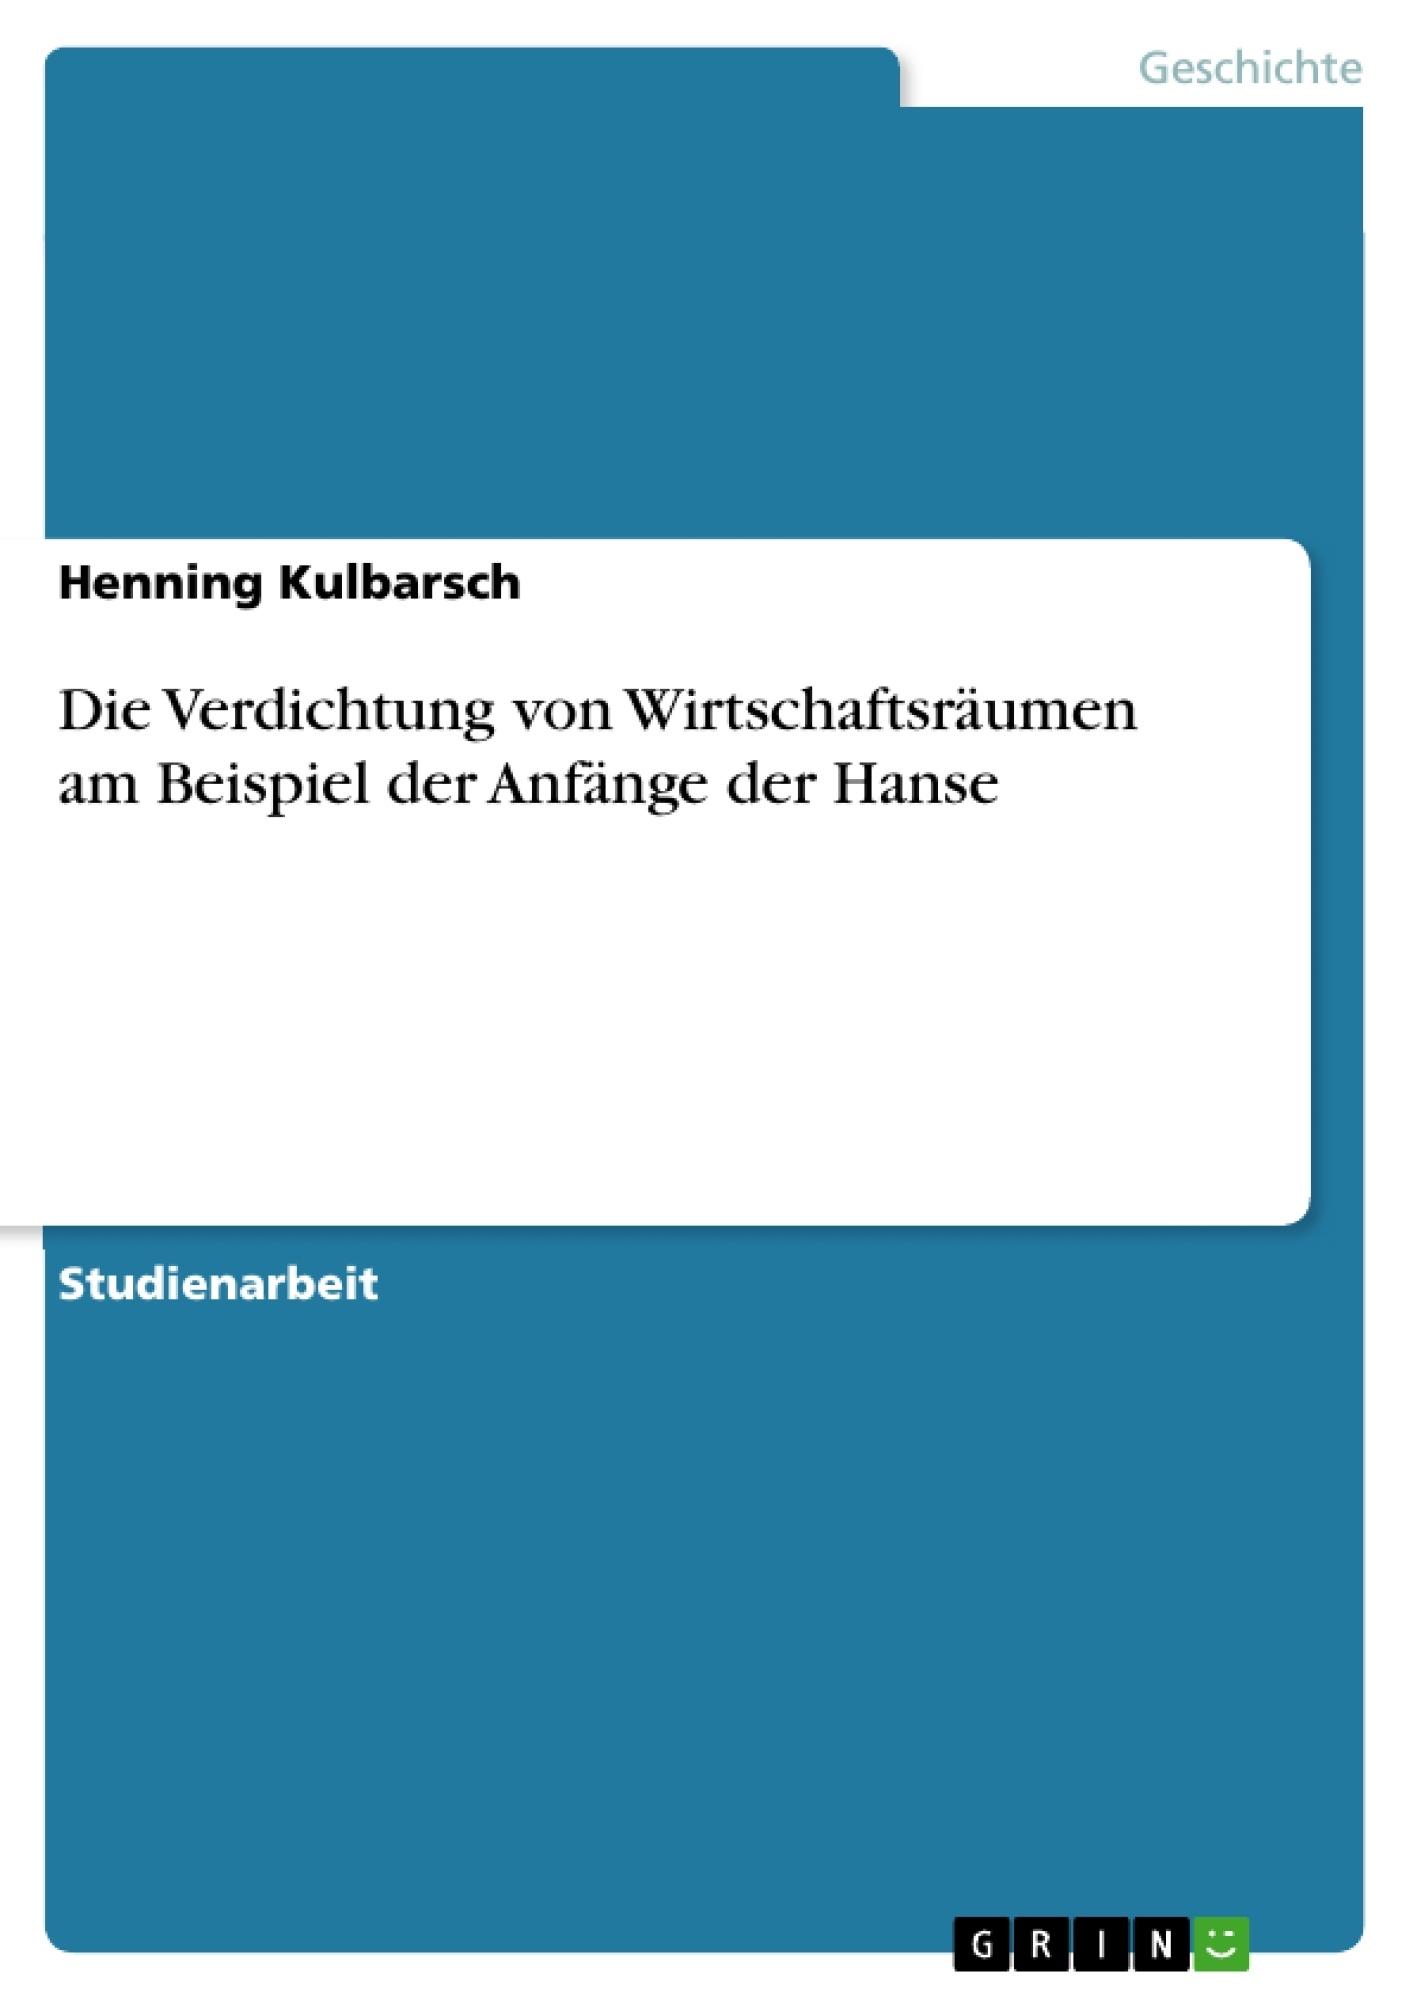 Titel: Die Verdichtung von Wirtschaftsräumen am Beispiel der Anfänge der Hanse